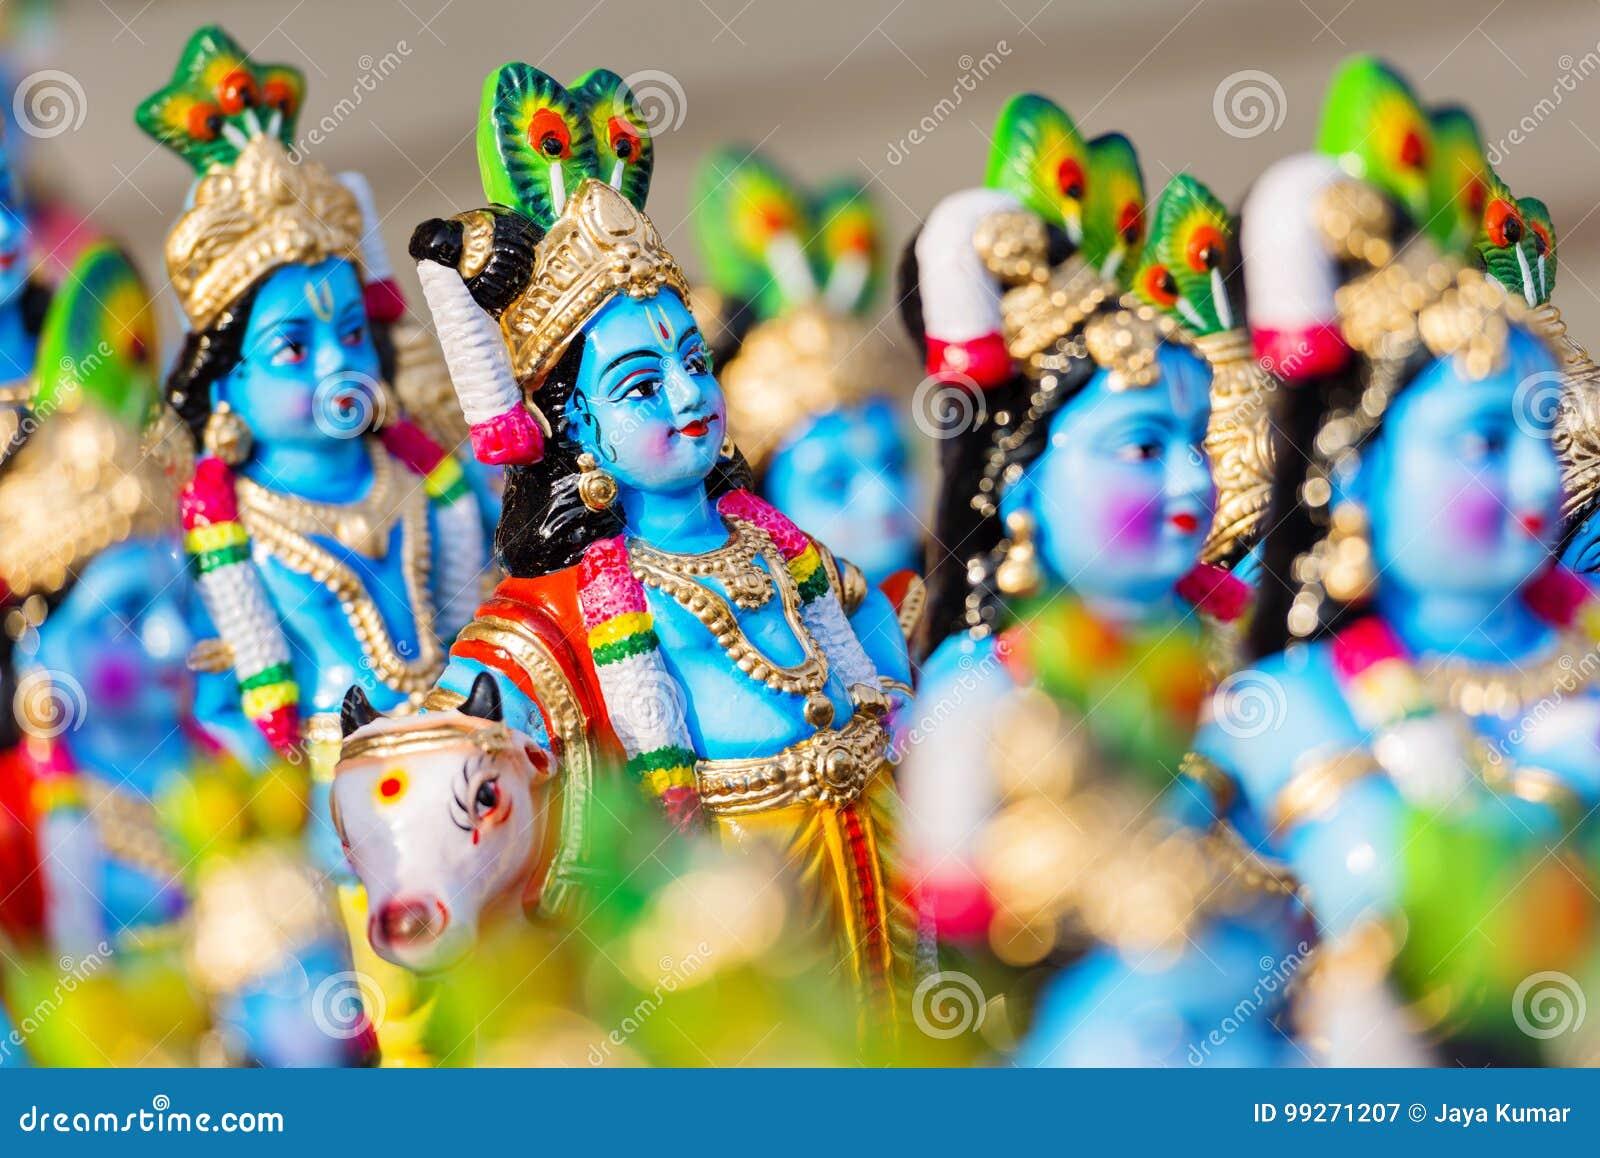 Hindu God Krishna stock image  Image of religious, festival